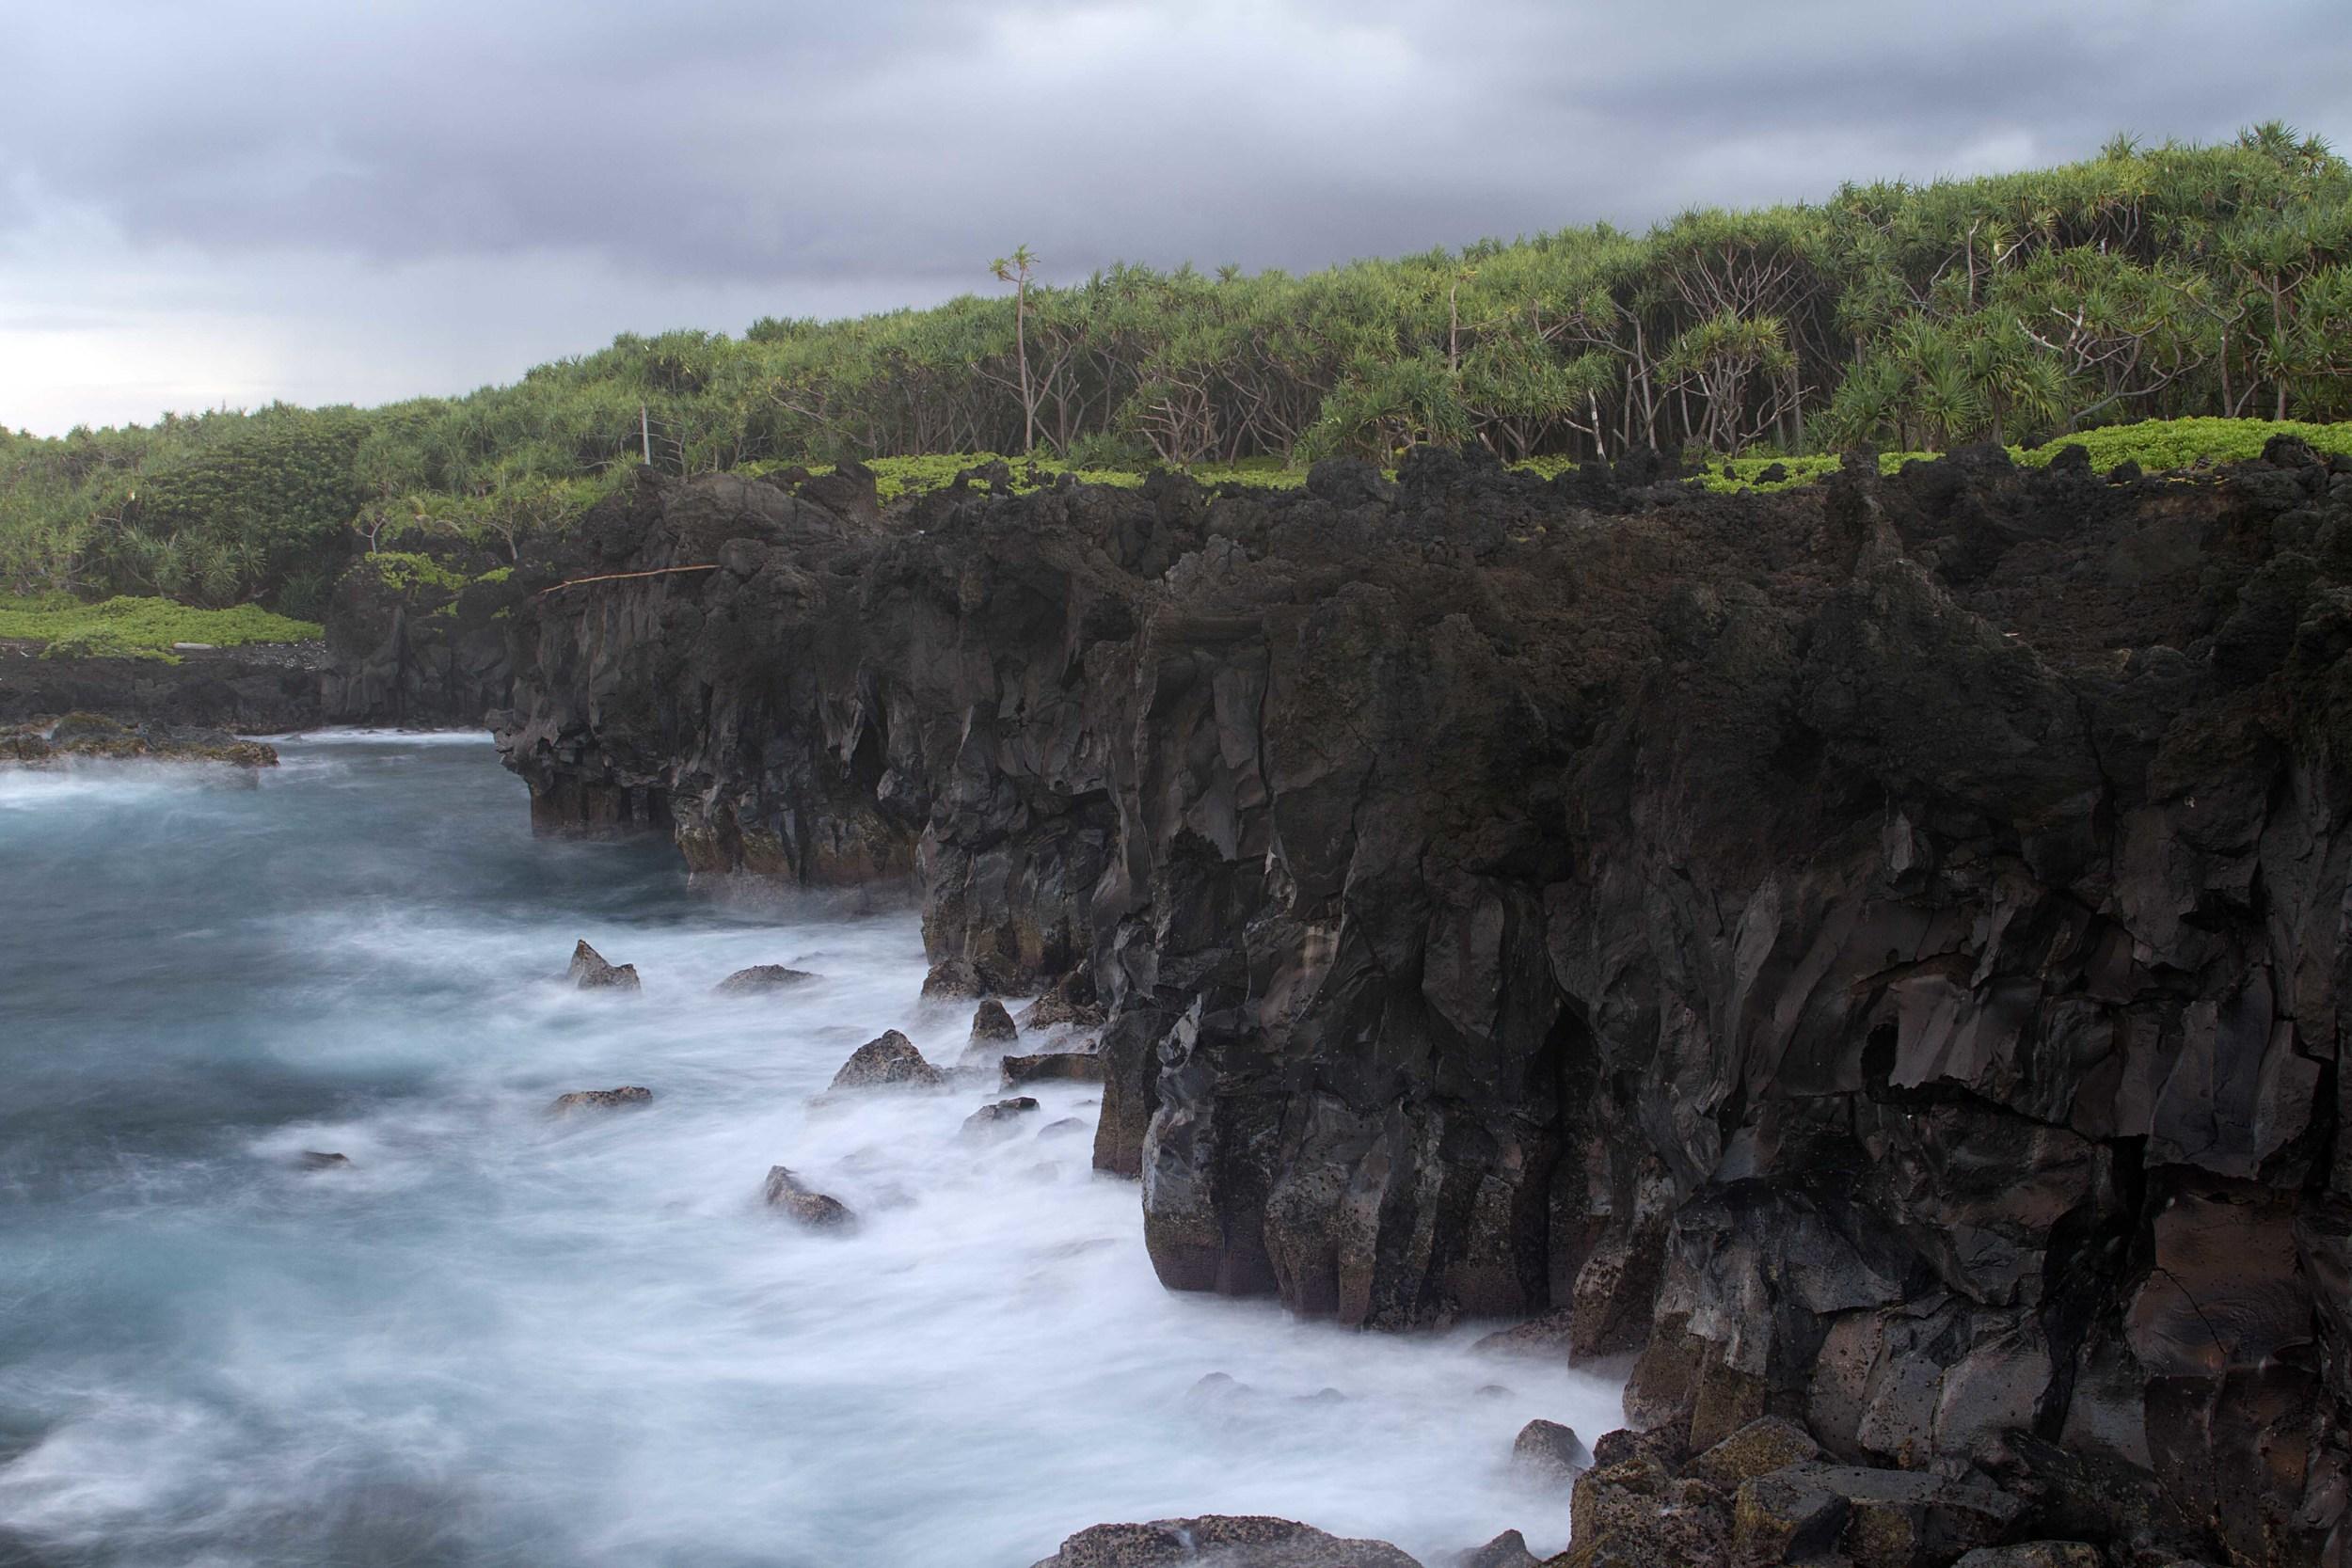 The Cliffs Edge